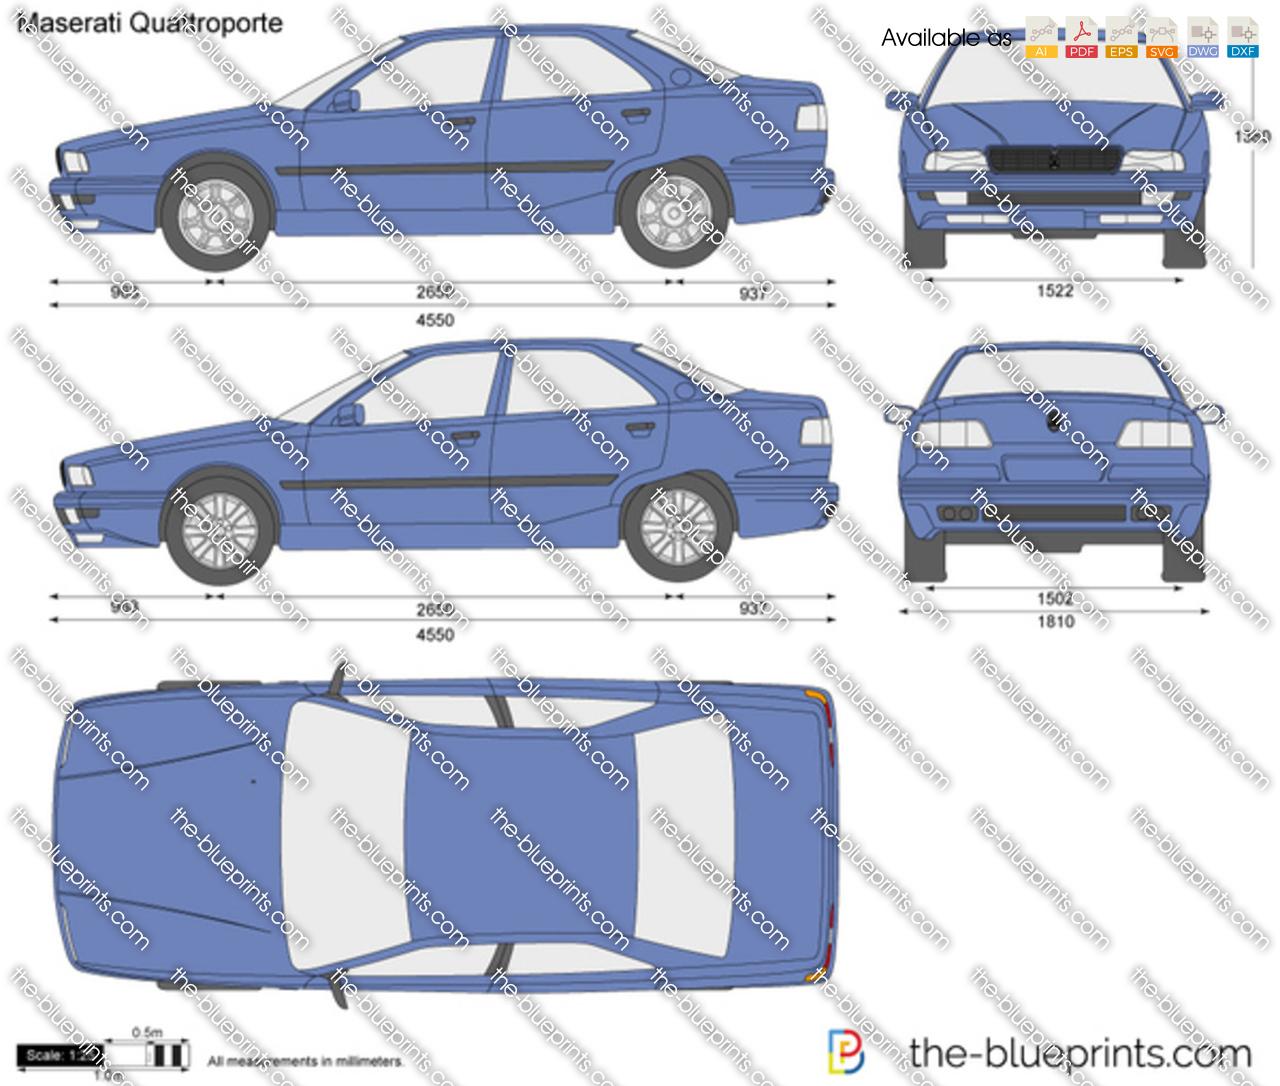 Maserati Quattroporte 2001